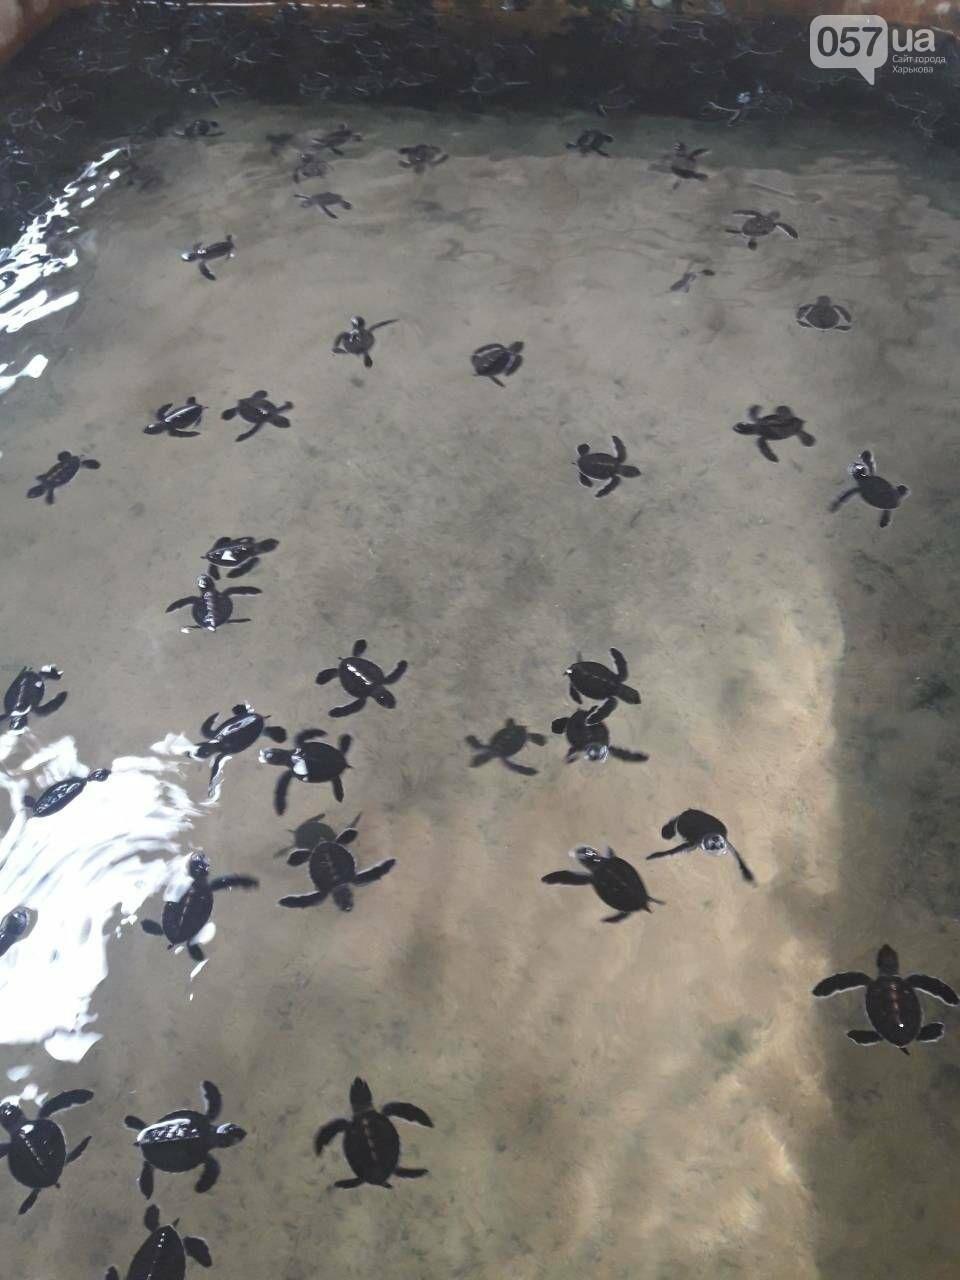 Из Харькова на Цейлон. Шахты с лунным камнем, купание слонов и спасение черепах от хищников, - ФОТО, фото-12